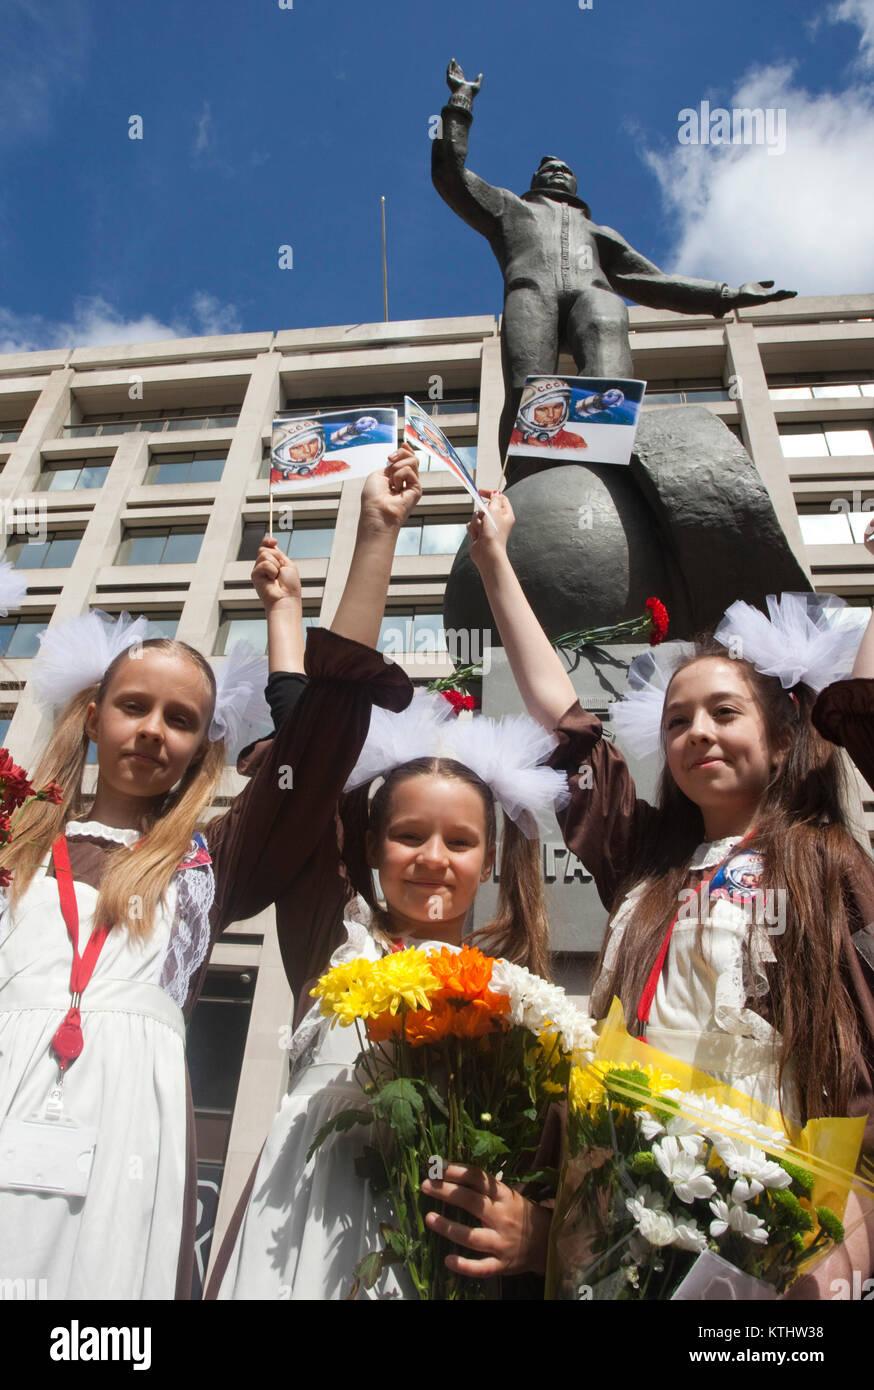 Les écolières de l'École Internationale de Théâtre russe. Une statue de Youri Gagarine, le premier homme dans l'espace, a été dévoilé aujourd'hui à l'extérieur du British Council's London AC dans le Mall pour marquer le 50e anniversaire du premier vol spatial habité. Aujourd'hui, 14 juillet 2011, il est exactement 50 ans jour pour jour que Gagarine a rencontré la reine dans le cadre de sa visite au Royaume-Uni en 1961. Le dévoilement de la statue a été réalisée par le cosmonaute Elena la fille Gagarina, maintenant directeur du Kremlin à Moscou Musées Banque D'Images